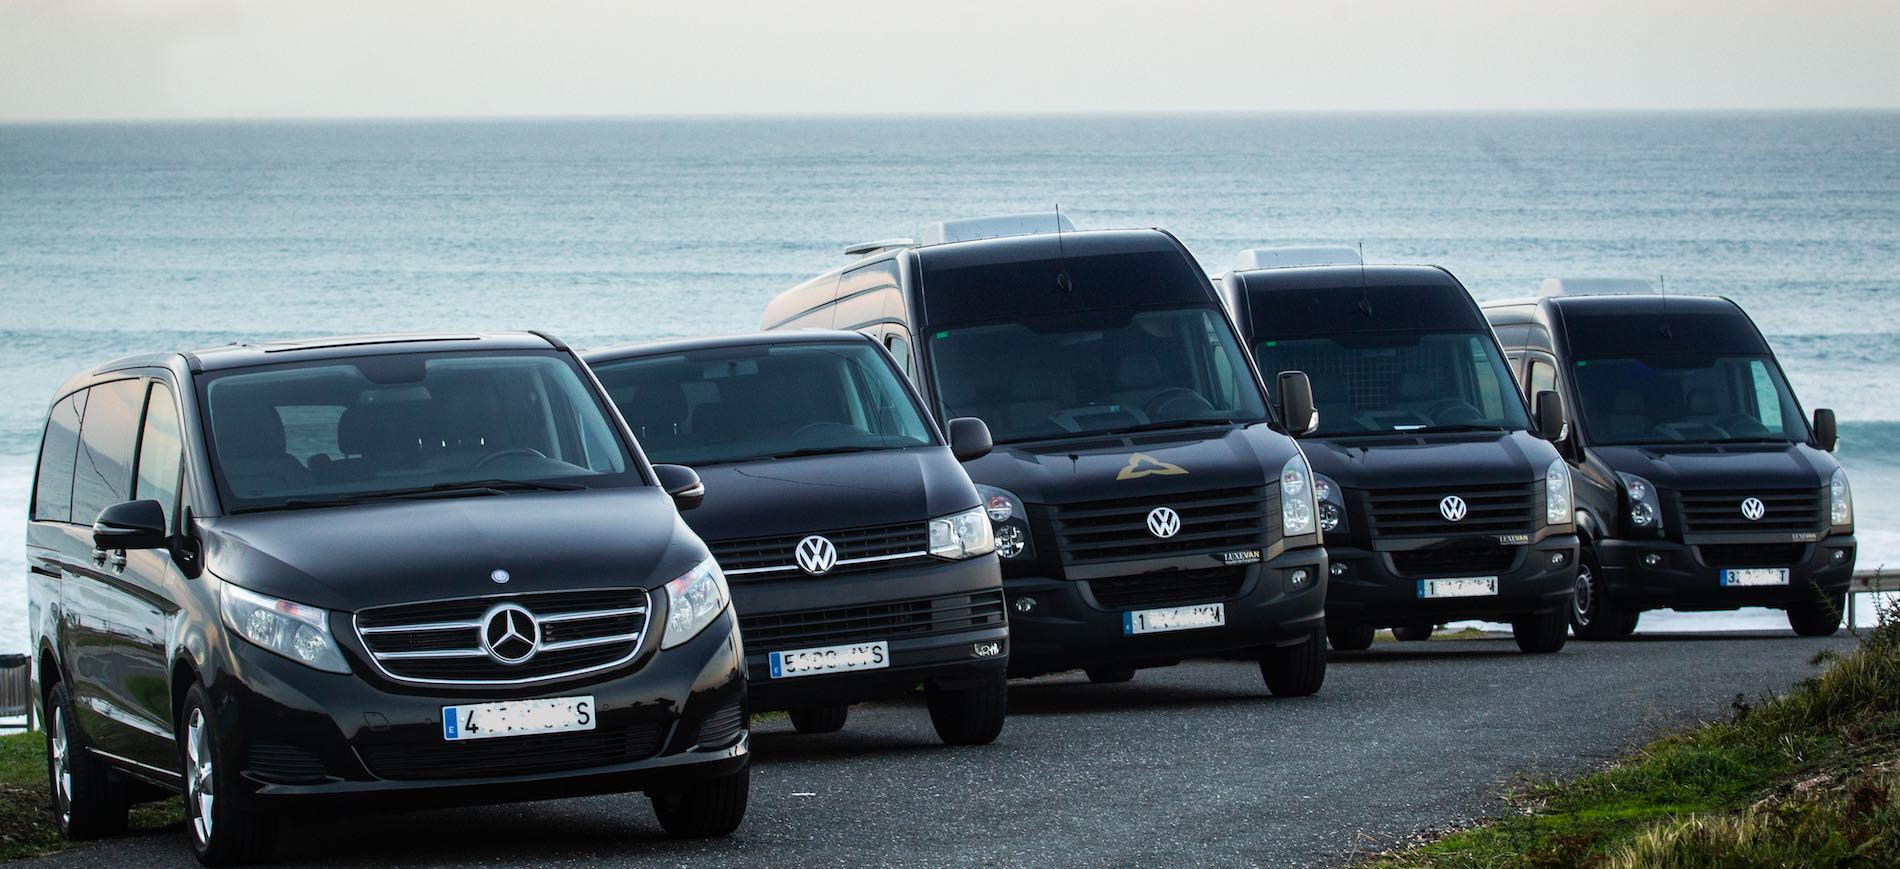 Luxevan alquiler de Luxevan alquiler de furgonetas, vans, vehículos en A Coruñafurgonetas, vans, vehículos en A Coruña